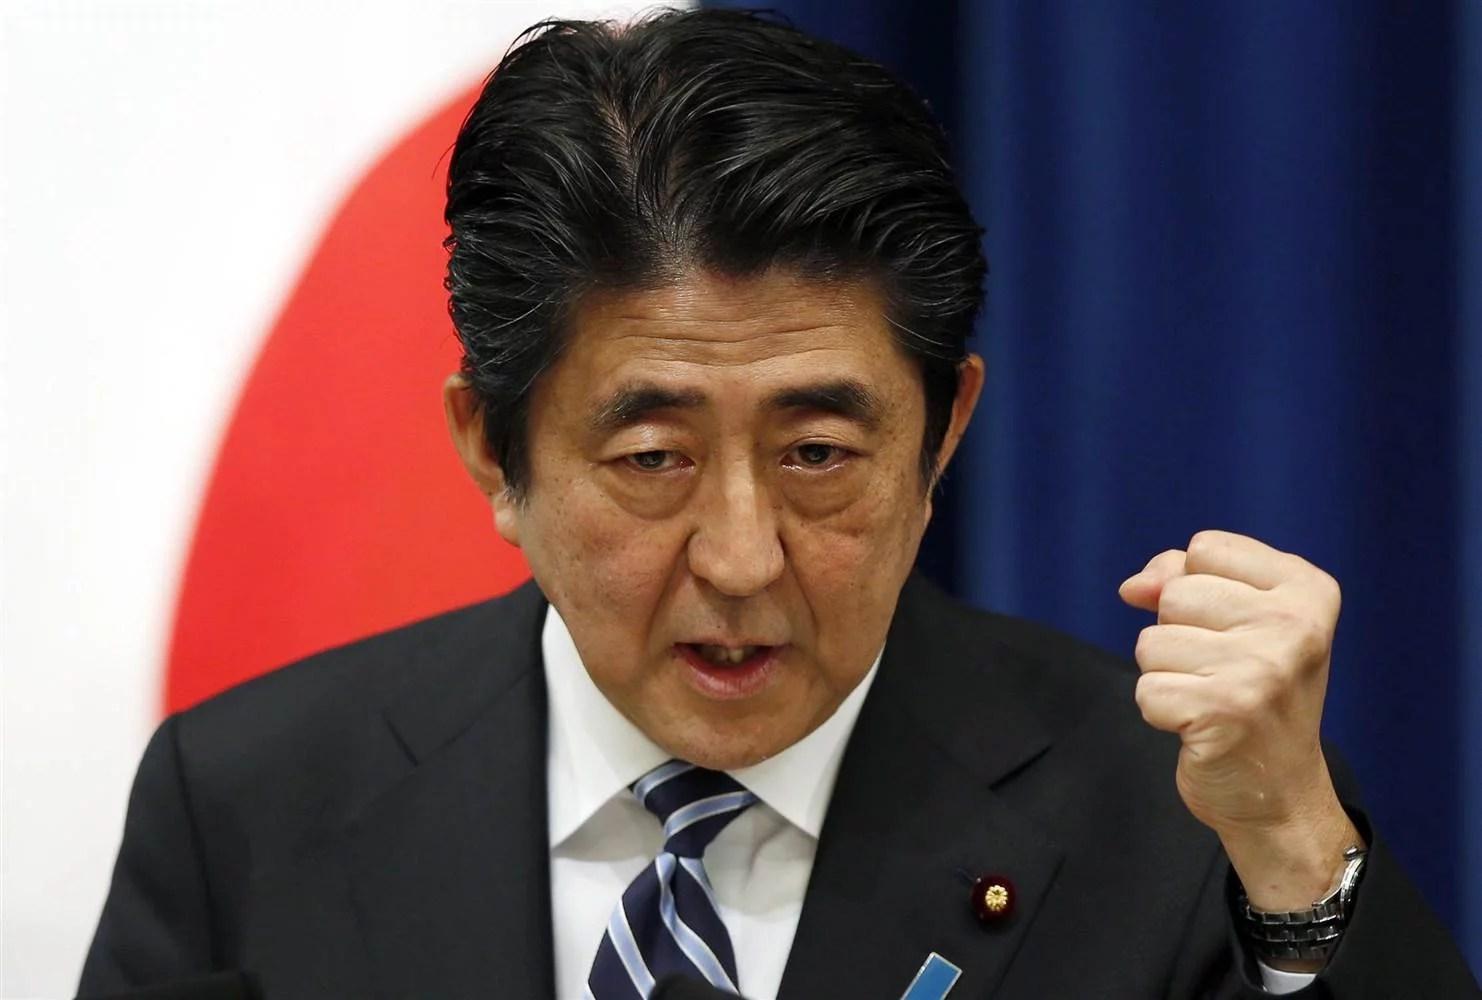 Kecewa dengan Jokowi, PM Jepang nyatakan Protes